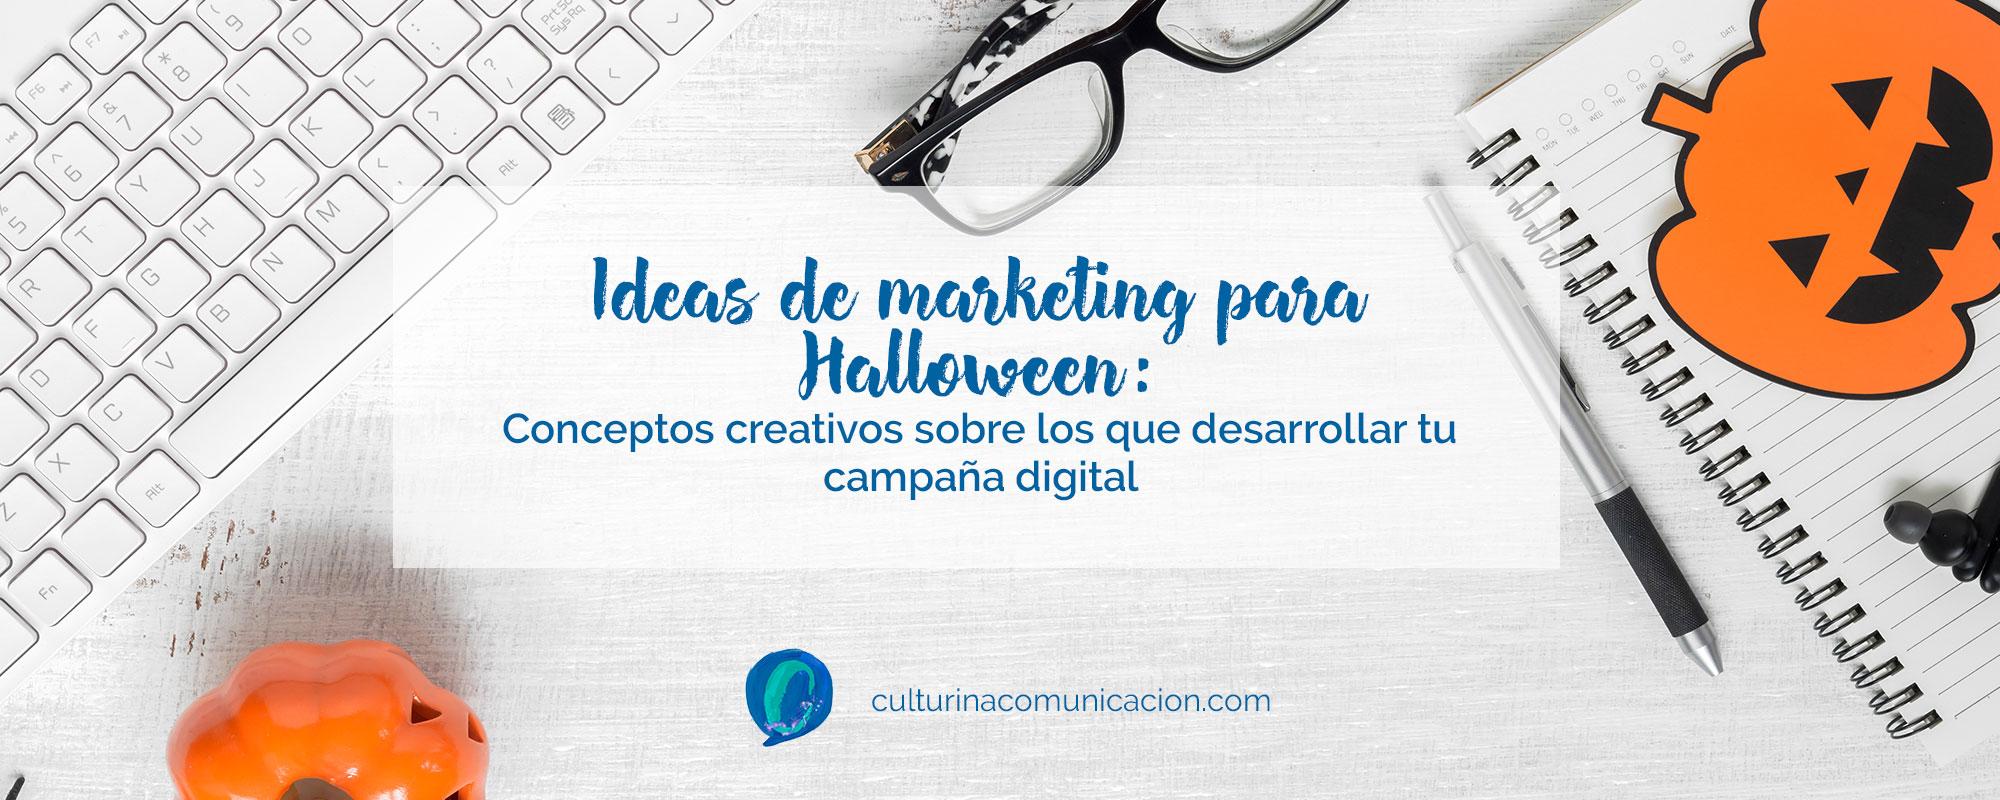 ideas de marketing para halloween, culturina comunicación